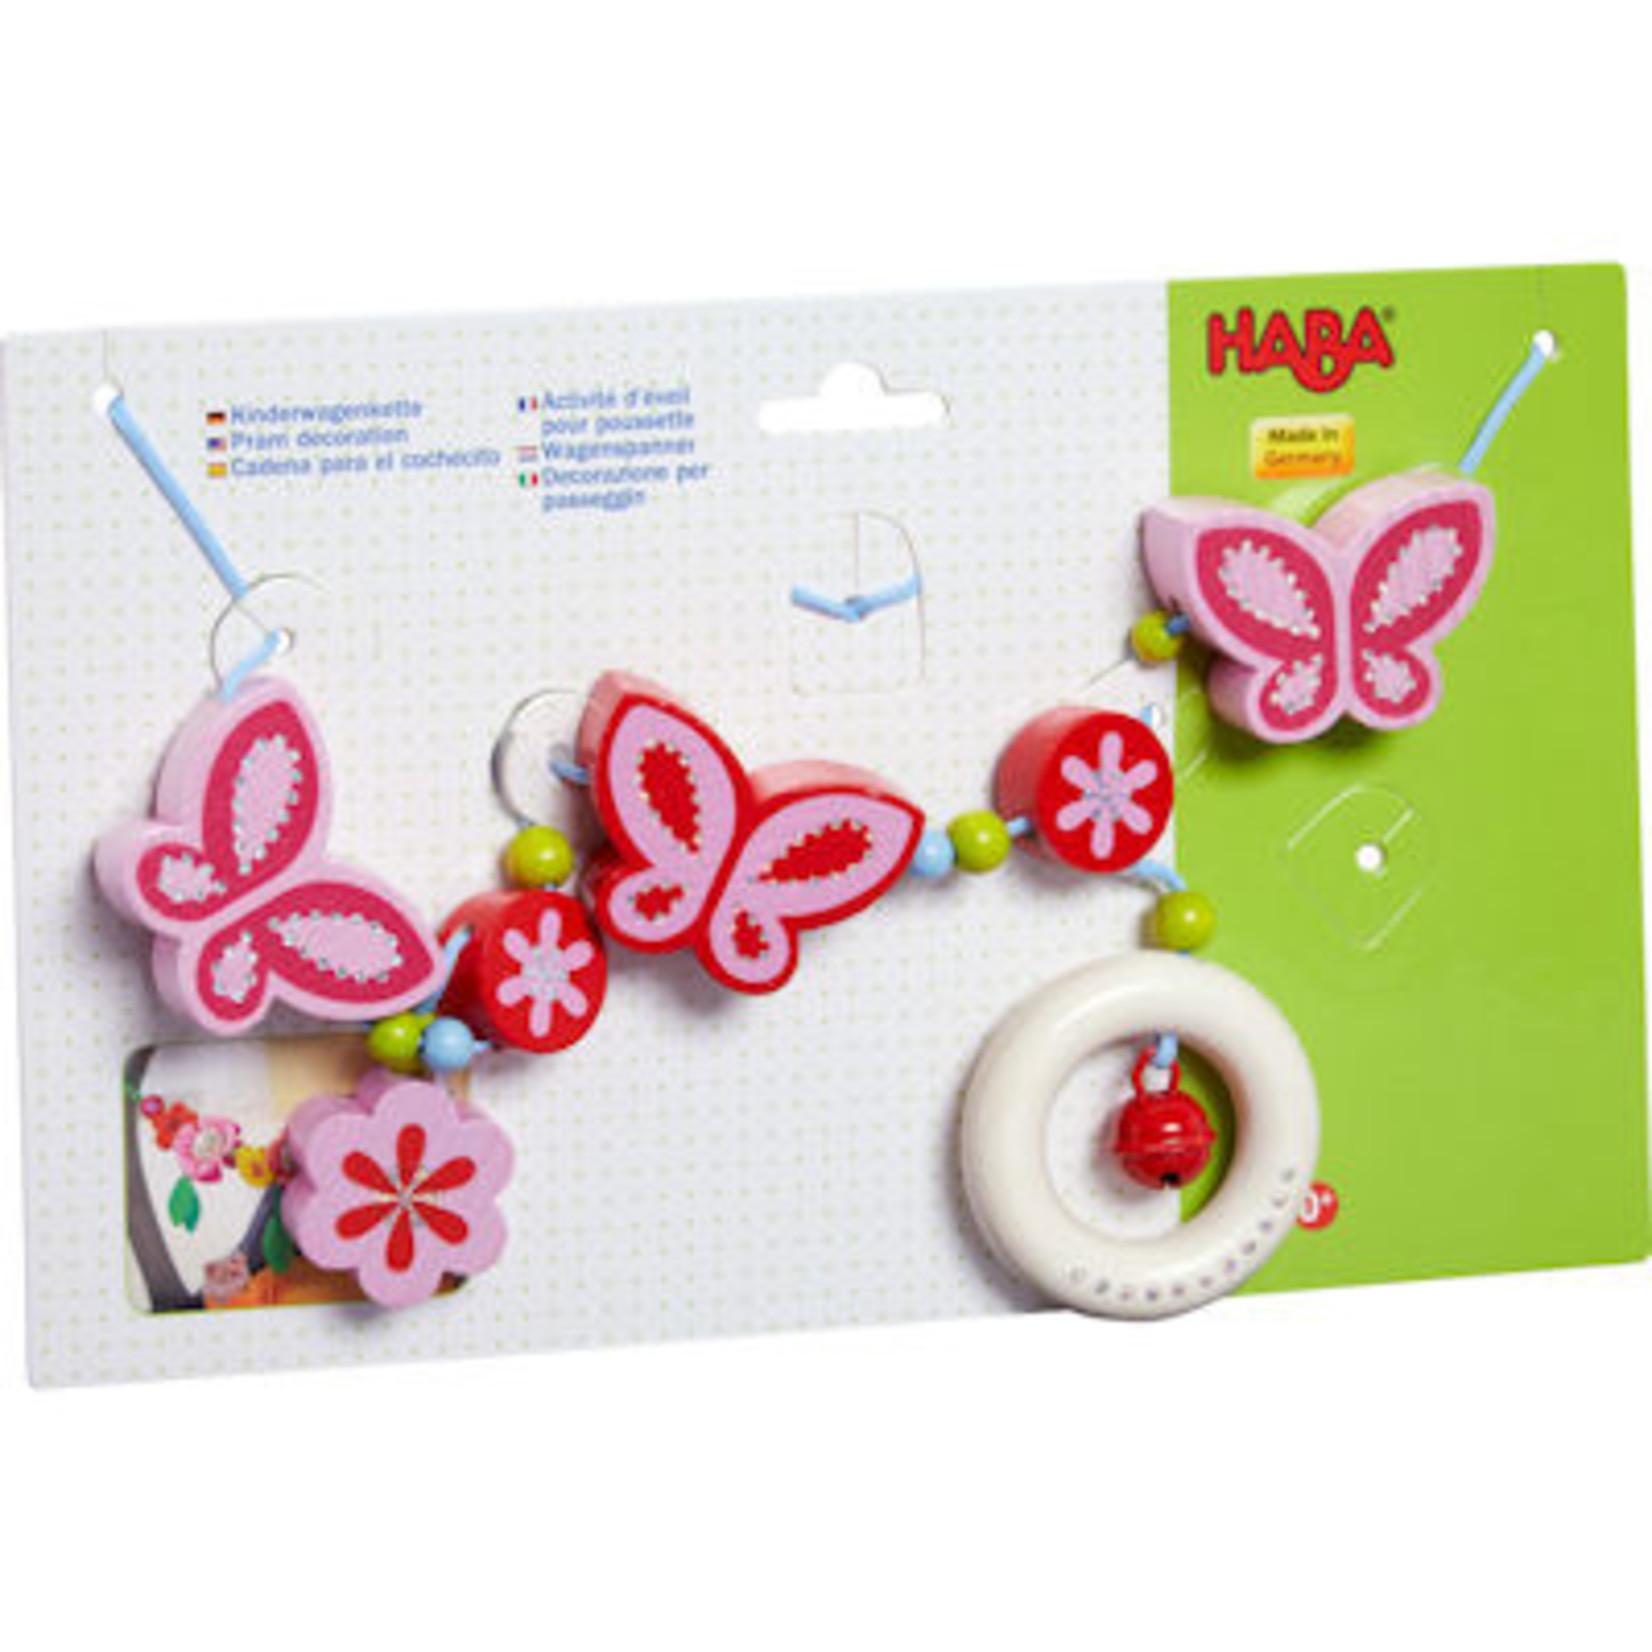 Haba Wagenspanner Vlindermagie